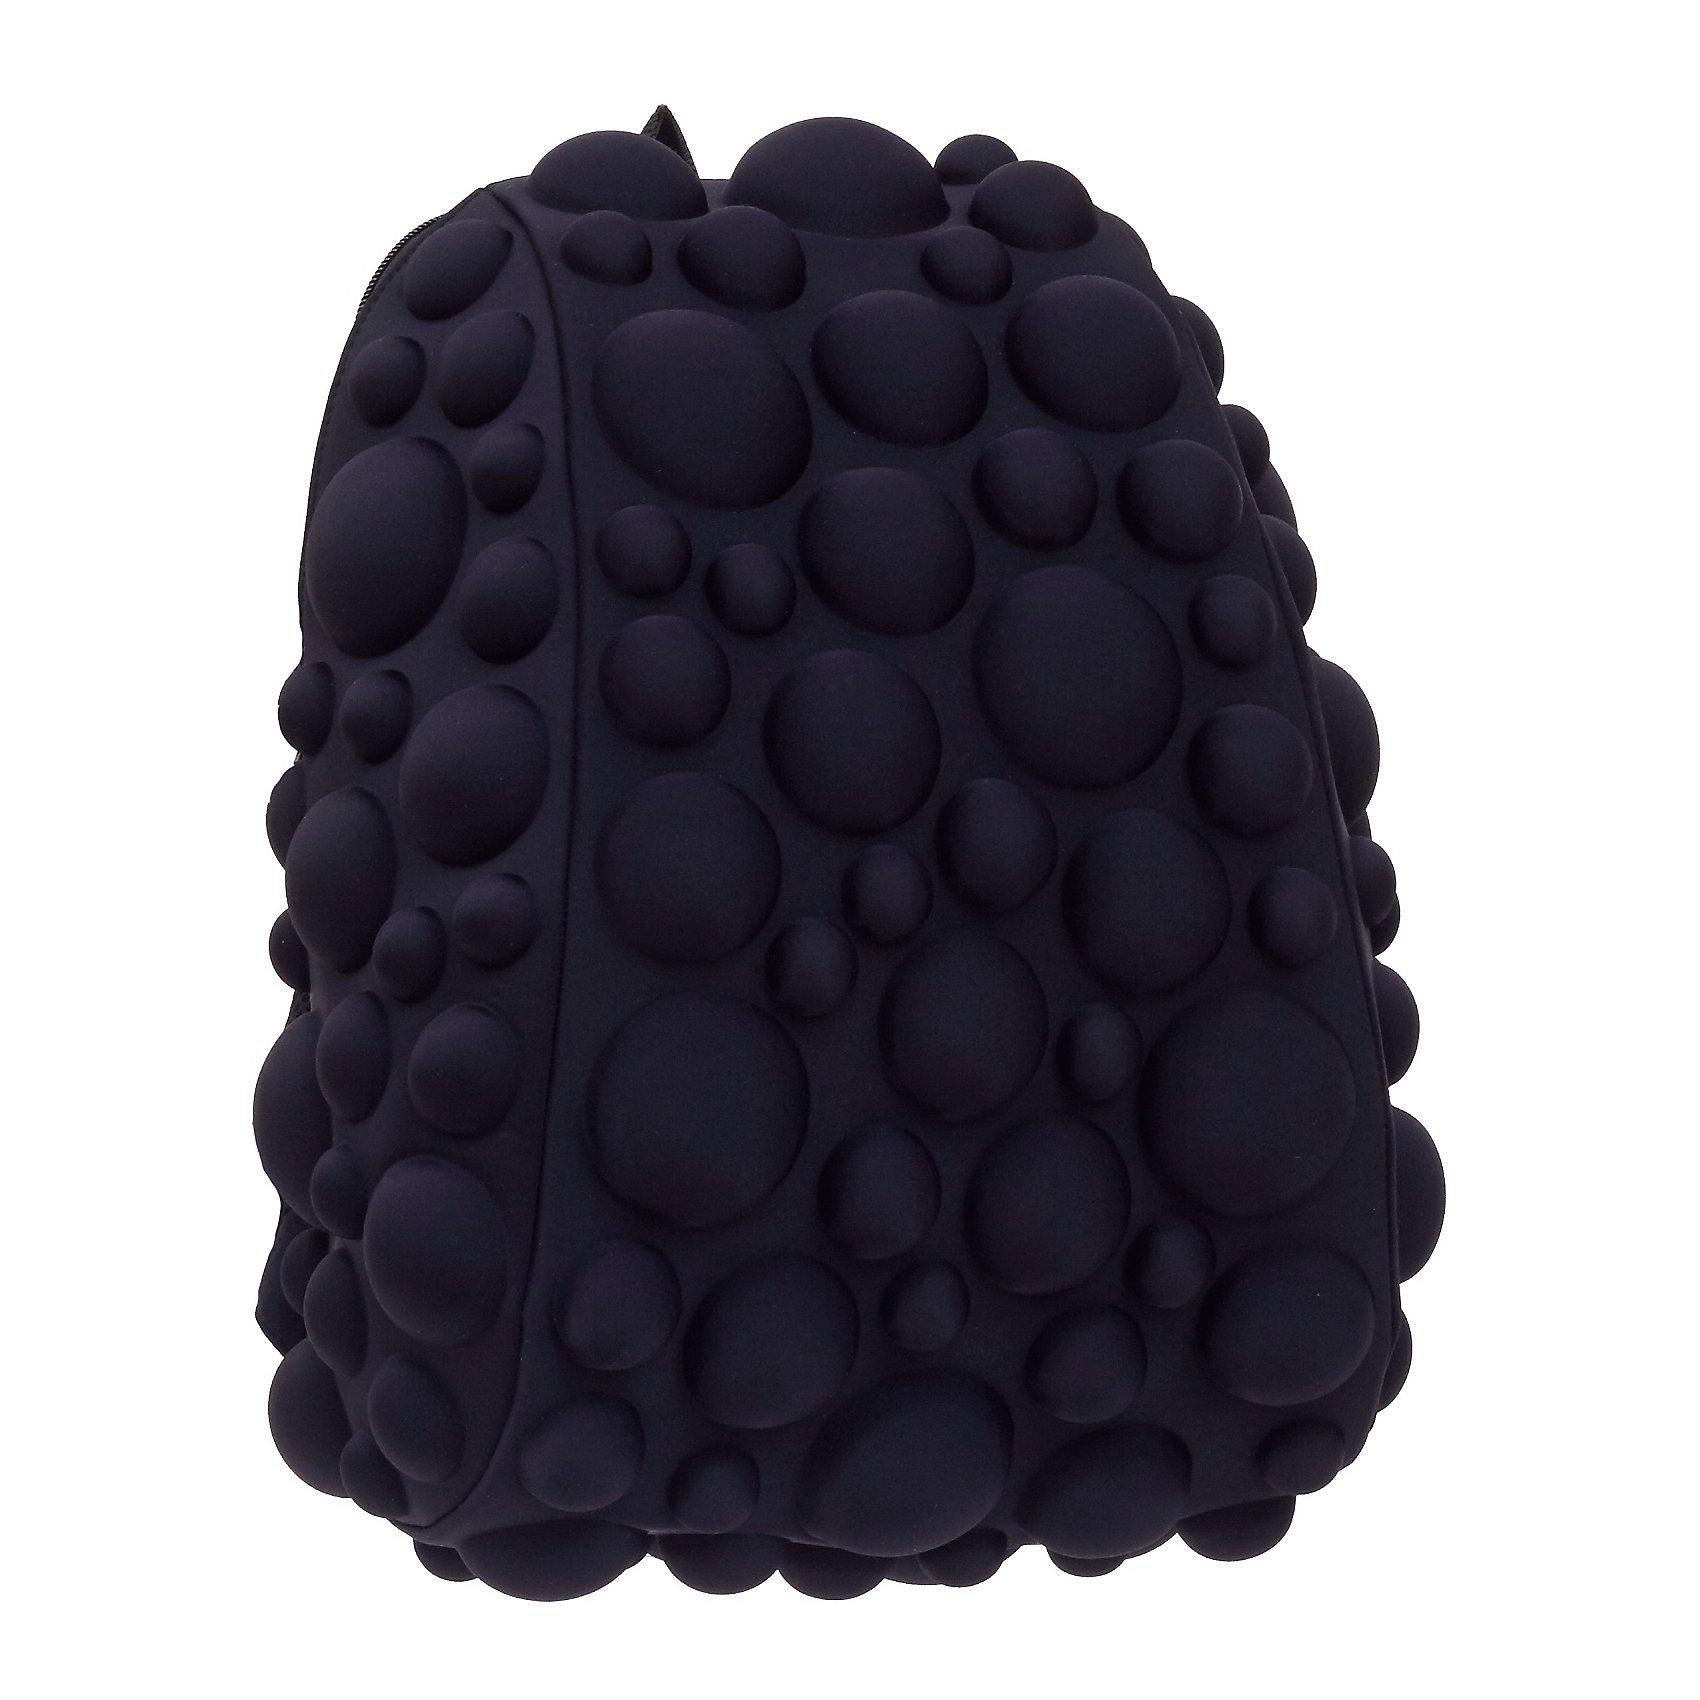 Рюкзак Bubble Half, цвет NEON черныйРюкзаки<br>Легкий и вместительный рюкзак с одним основным отделением с застежкой на молниии. В основное отделение с легкостью входит ноутбук  размером диагонали 13 дюймов, iPad и формат А4. Незаменимый аксессуар как для активного городского жителя, так и для школьников и студентов. Широкие лямки можно регулировать для наиболее удобной посадки, а мягкая ортопедическая спинка делает ношение наиболее удобным и комфортным.<br><br>Ширина мм: 36<br>Глубина мм: 31<br>Высота мм: 15<br>Вес г: 600<br>Возраст от месяцев: 84<br>Возраст до месяцев: 420<br>Пол: Унисекс<br>Возраст: Детский<br>SKU: 5344322